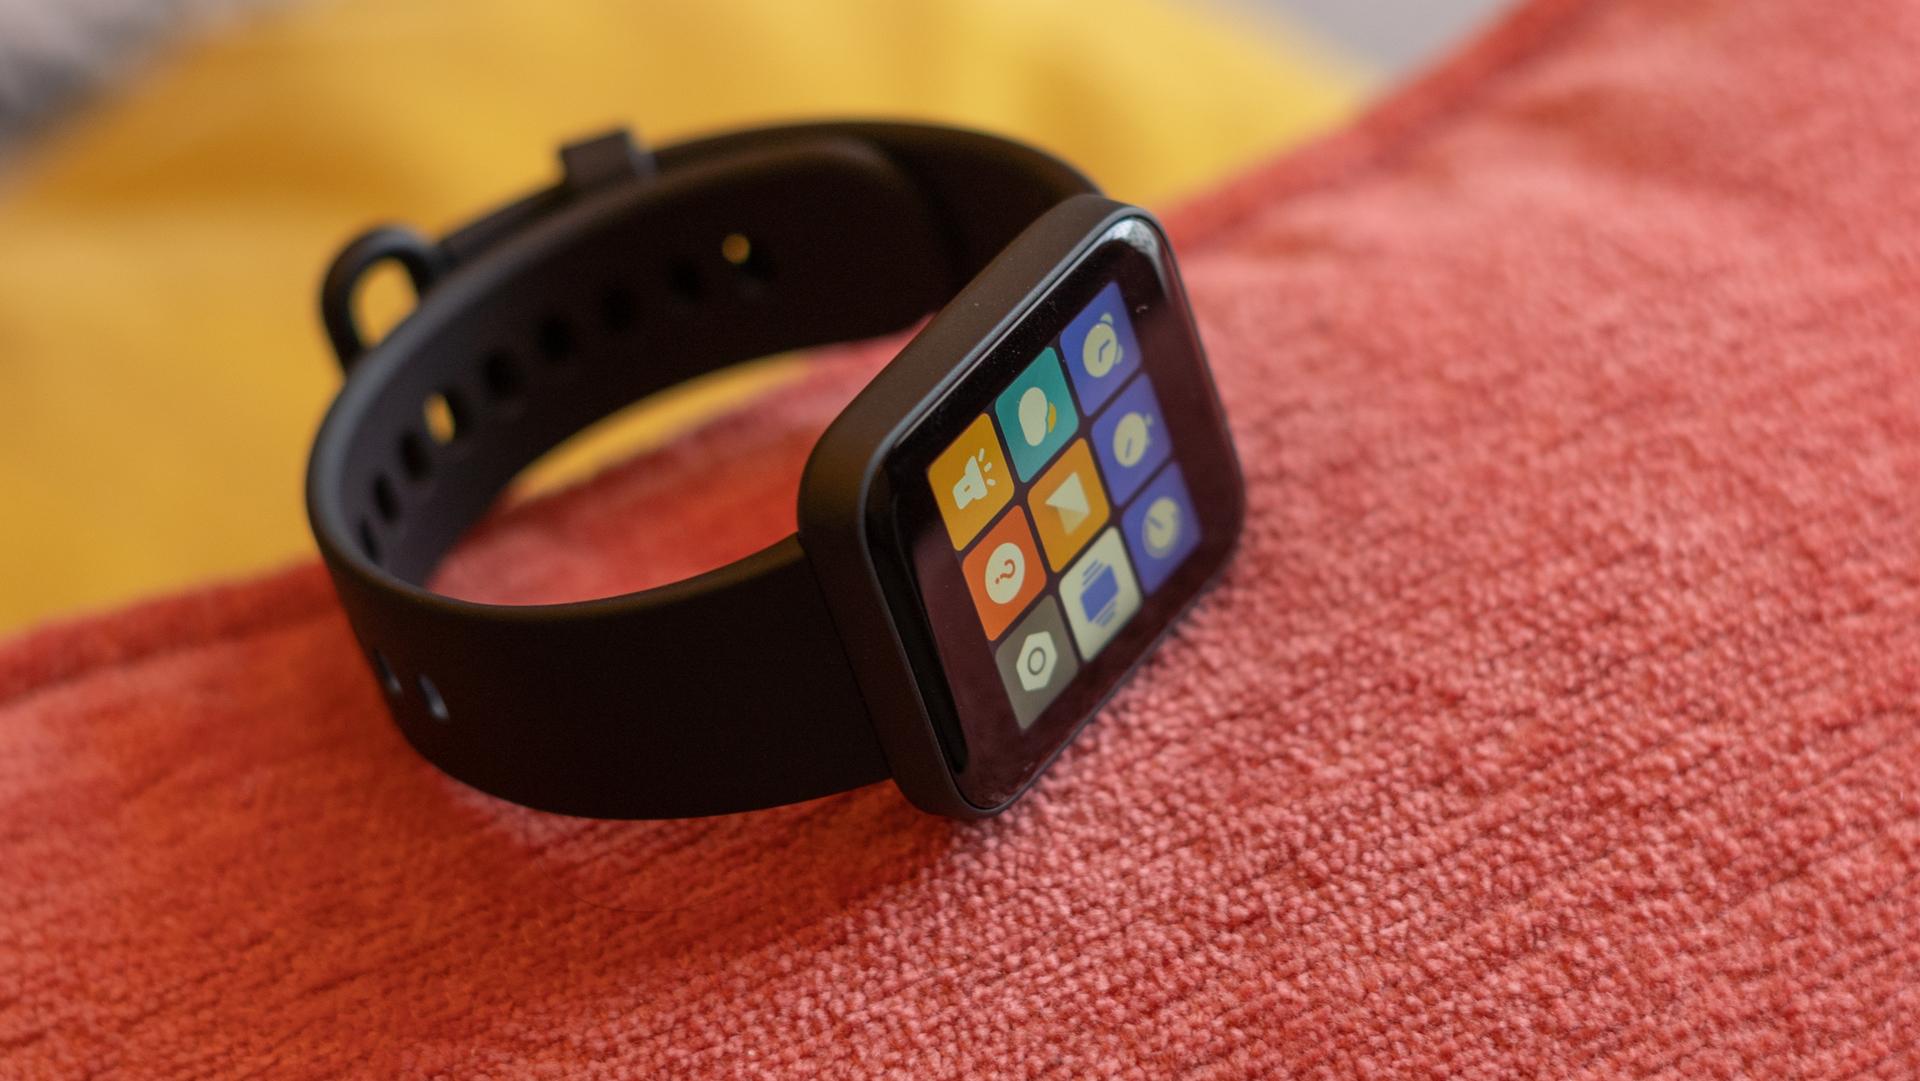 Redmi Watch app drawer